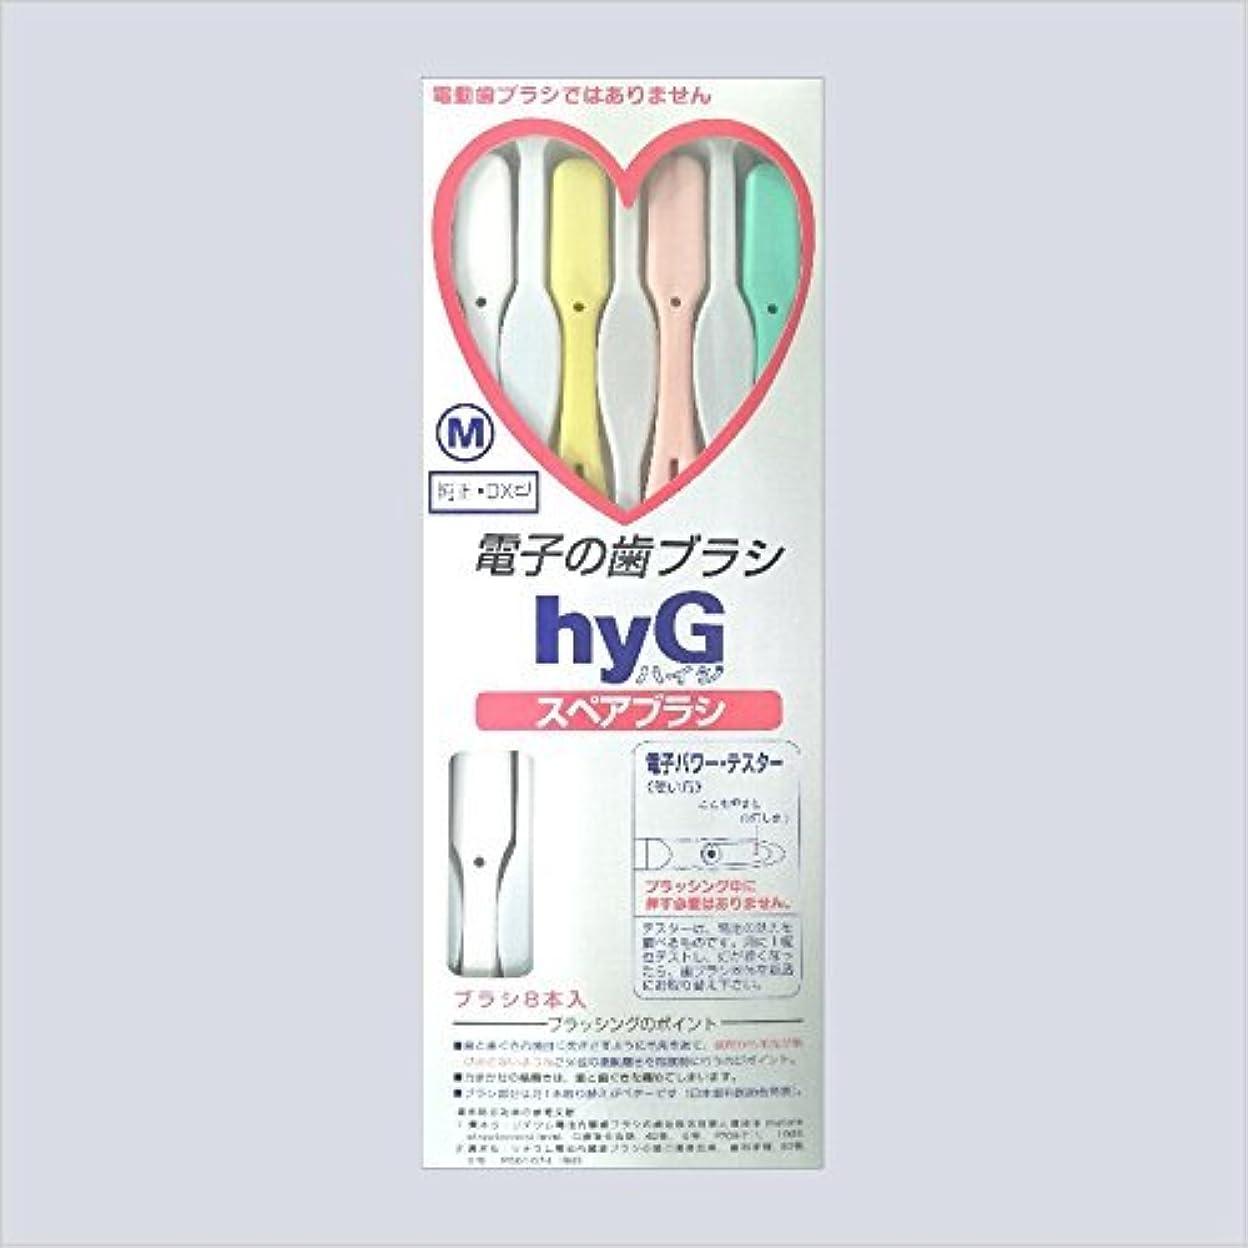 対称ネーピア対角線電子の歯ブラシ ハイジ(hyG)?スペアブラシ <ブラシの硬さ:Hかため> (※こちらは「スペアブラシ」です )?hyG-DX型